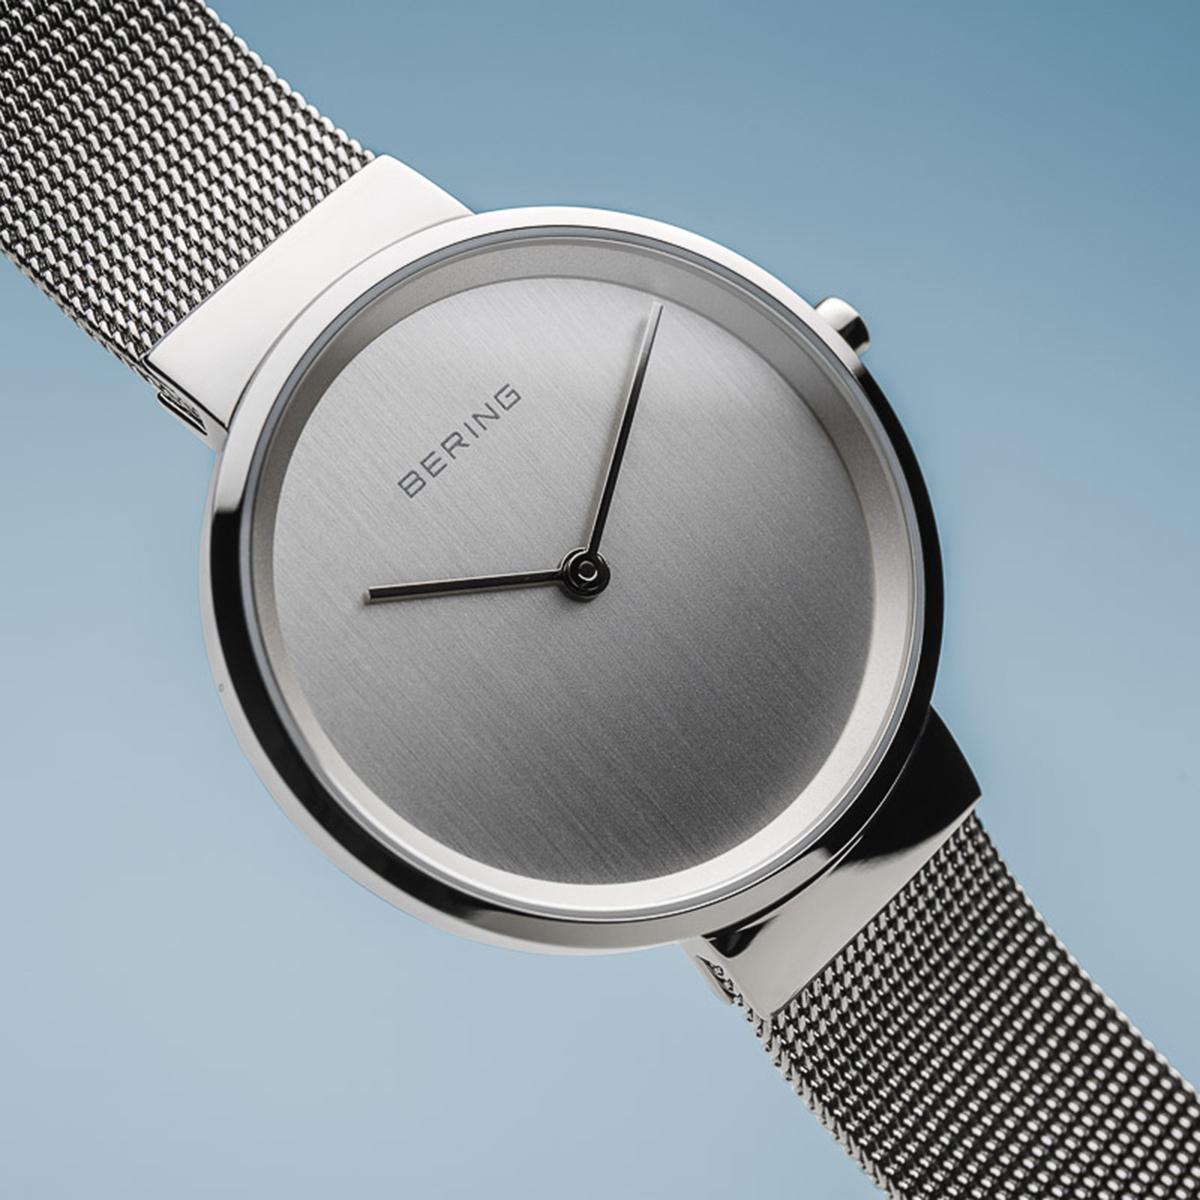 361f3a595d ... Bering Classic női óra ezüst szíjjal ezüst számlappal 14531-000 ...